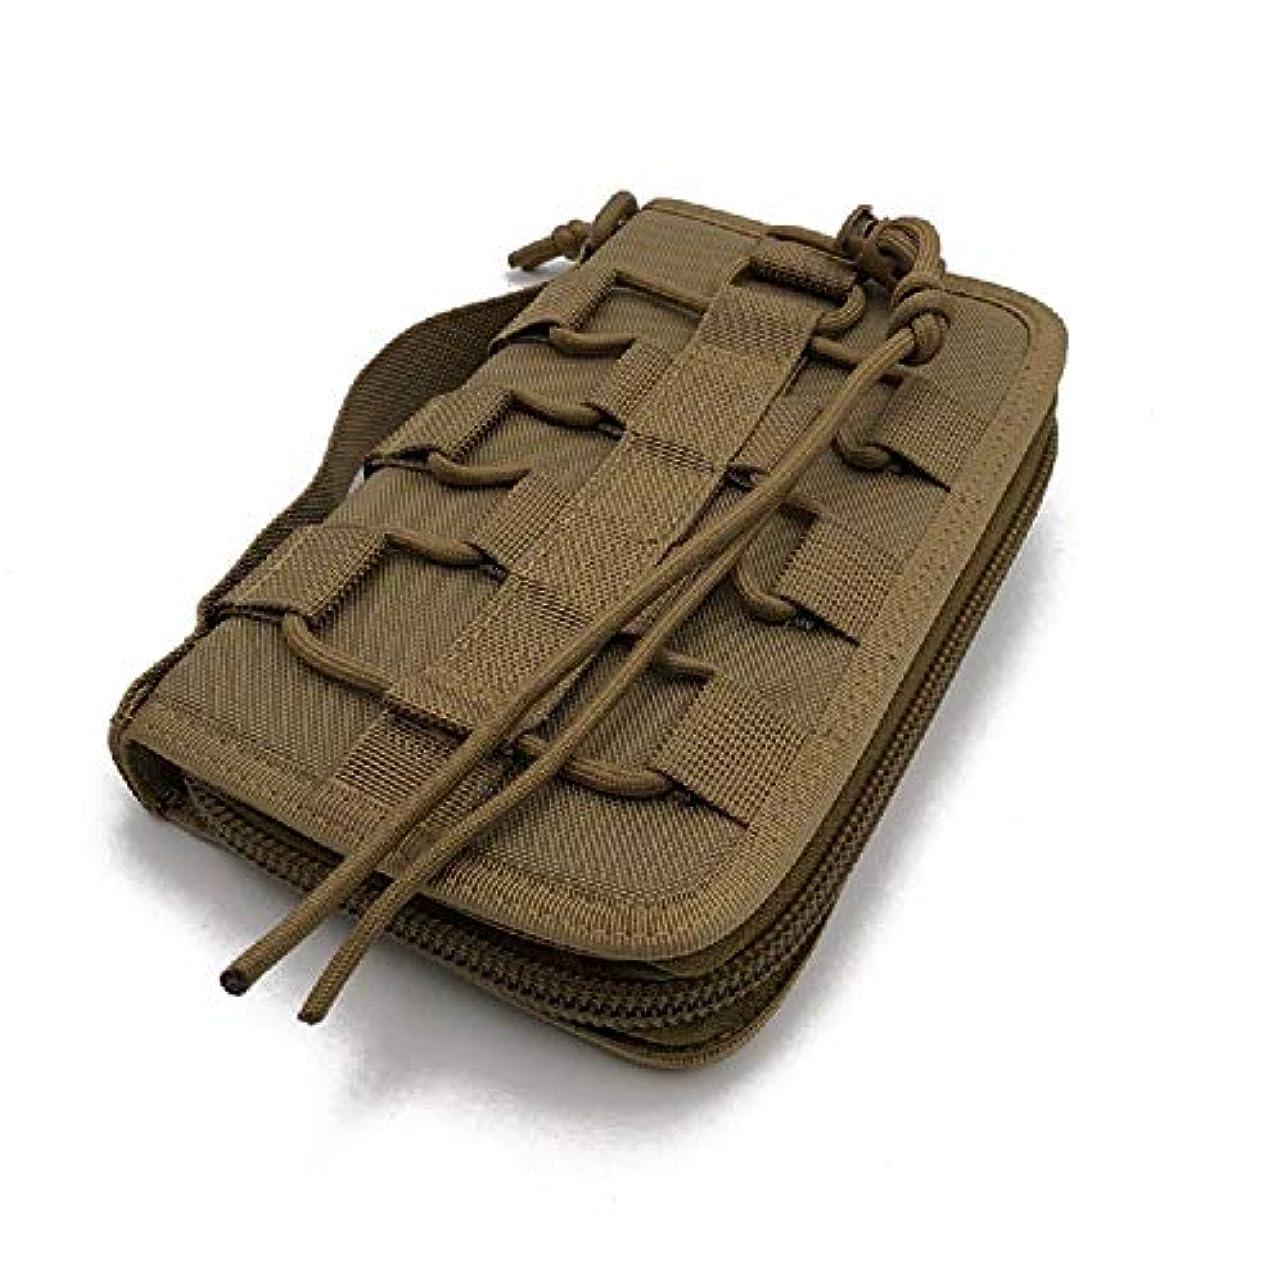 私信頼ウィスキー陸軍ファン戦術的なハンドバッグキャンプツールバッグ屋外男性と女性のスポーツ財布レジャーパッケージ (Color : A, Size : 20*12*3cm/7.9*4.7*1.2in)